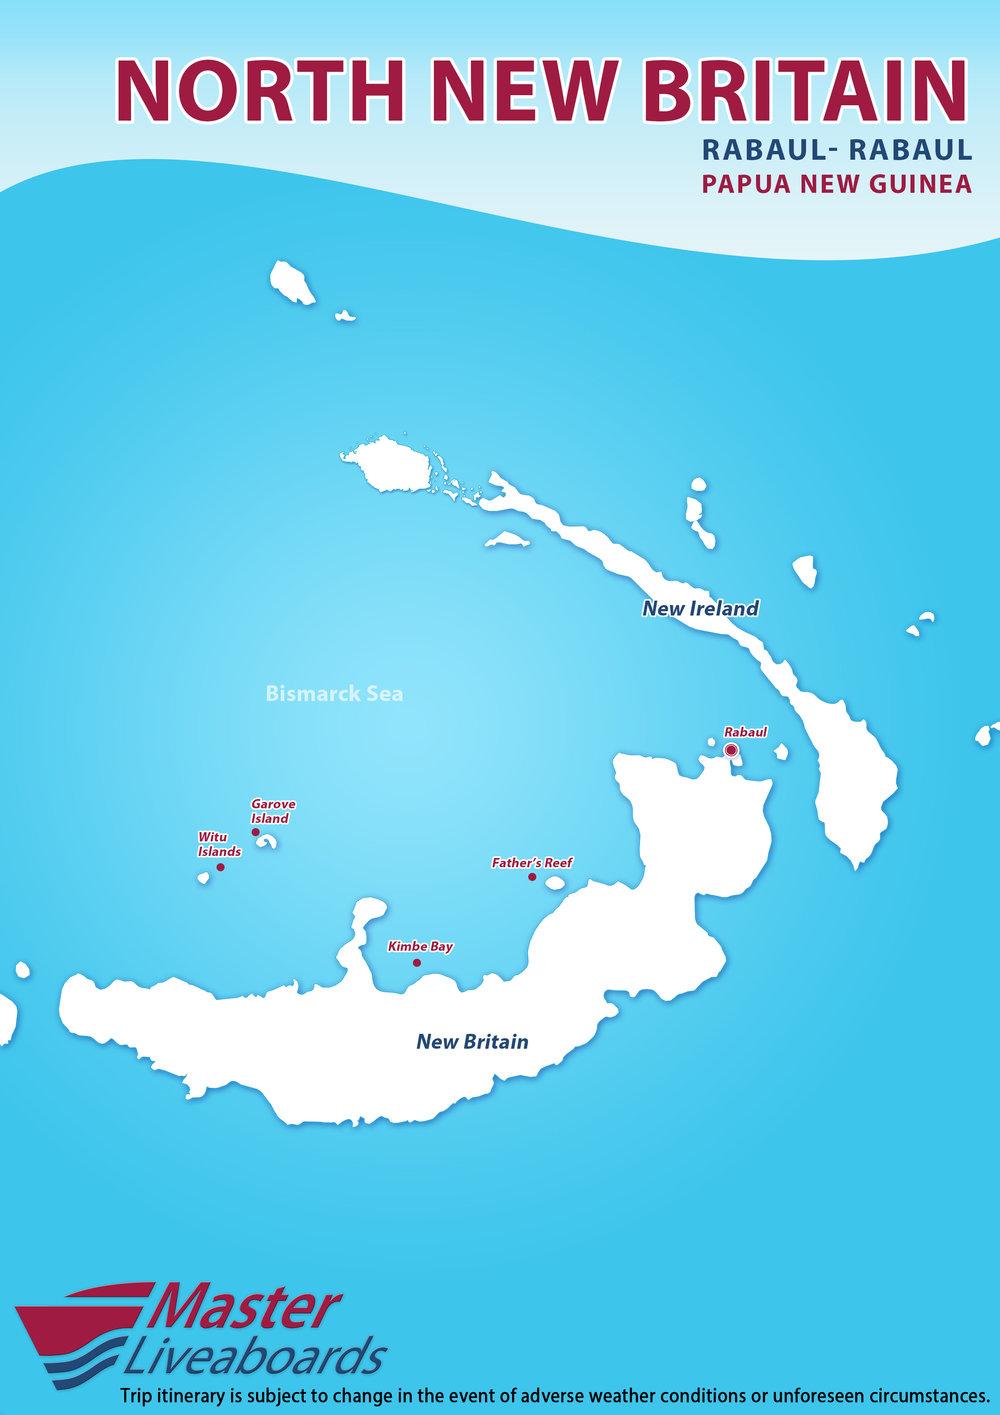 North New Britain, Papua New Guinea